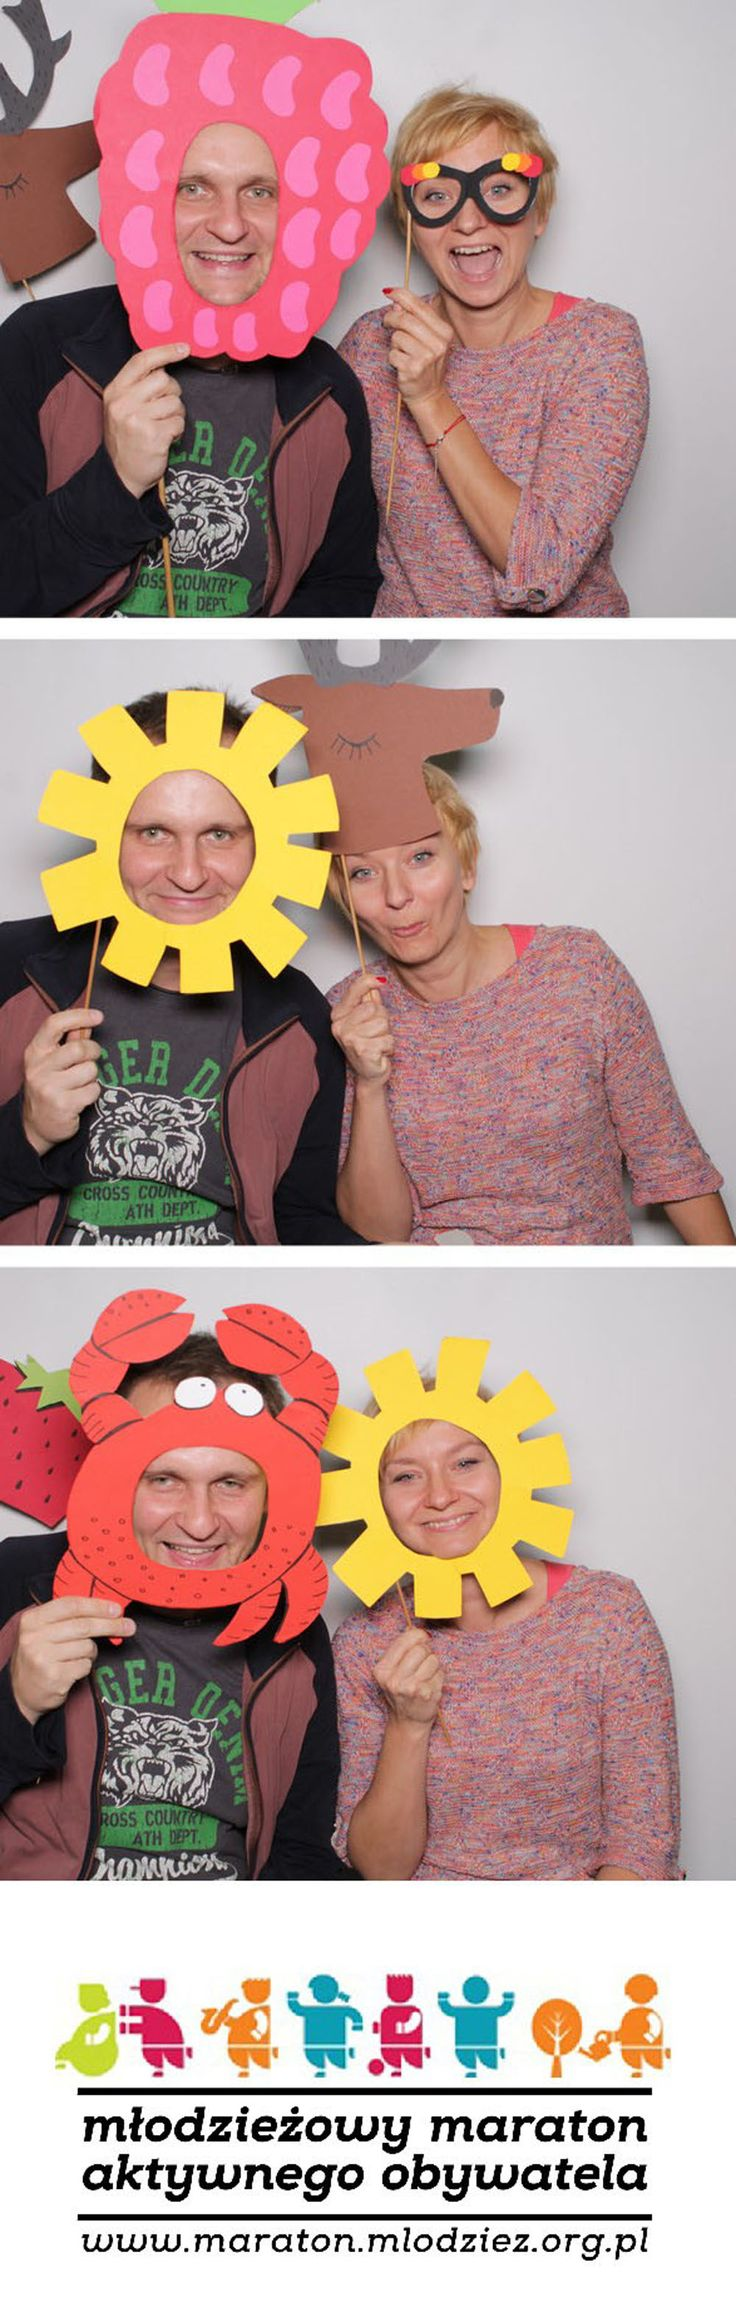 Magda (17 l.) i Andrzej (33 l.) z Warszawy montowali huśtawkę dla dzieci w ramach akcji Monaru. Tej aktywności towarzyszyła refleksja, że należy cenić to, co się ma.